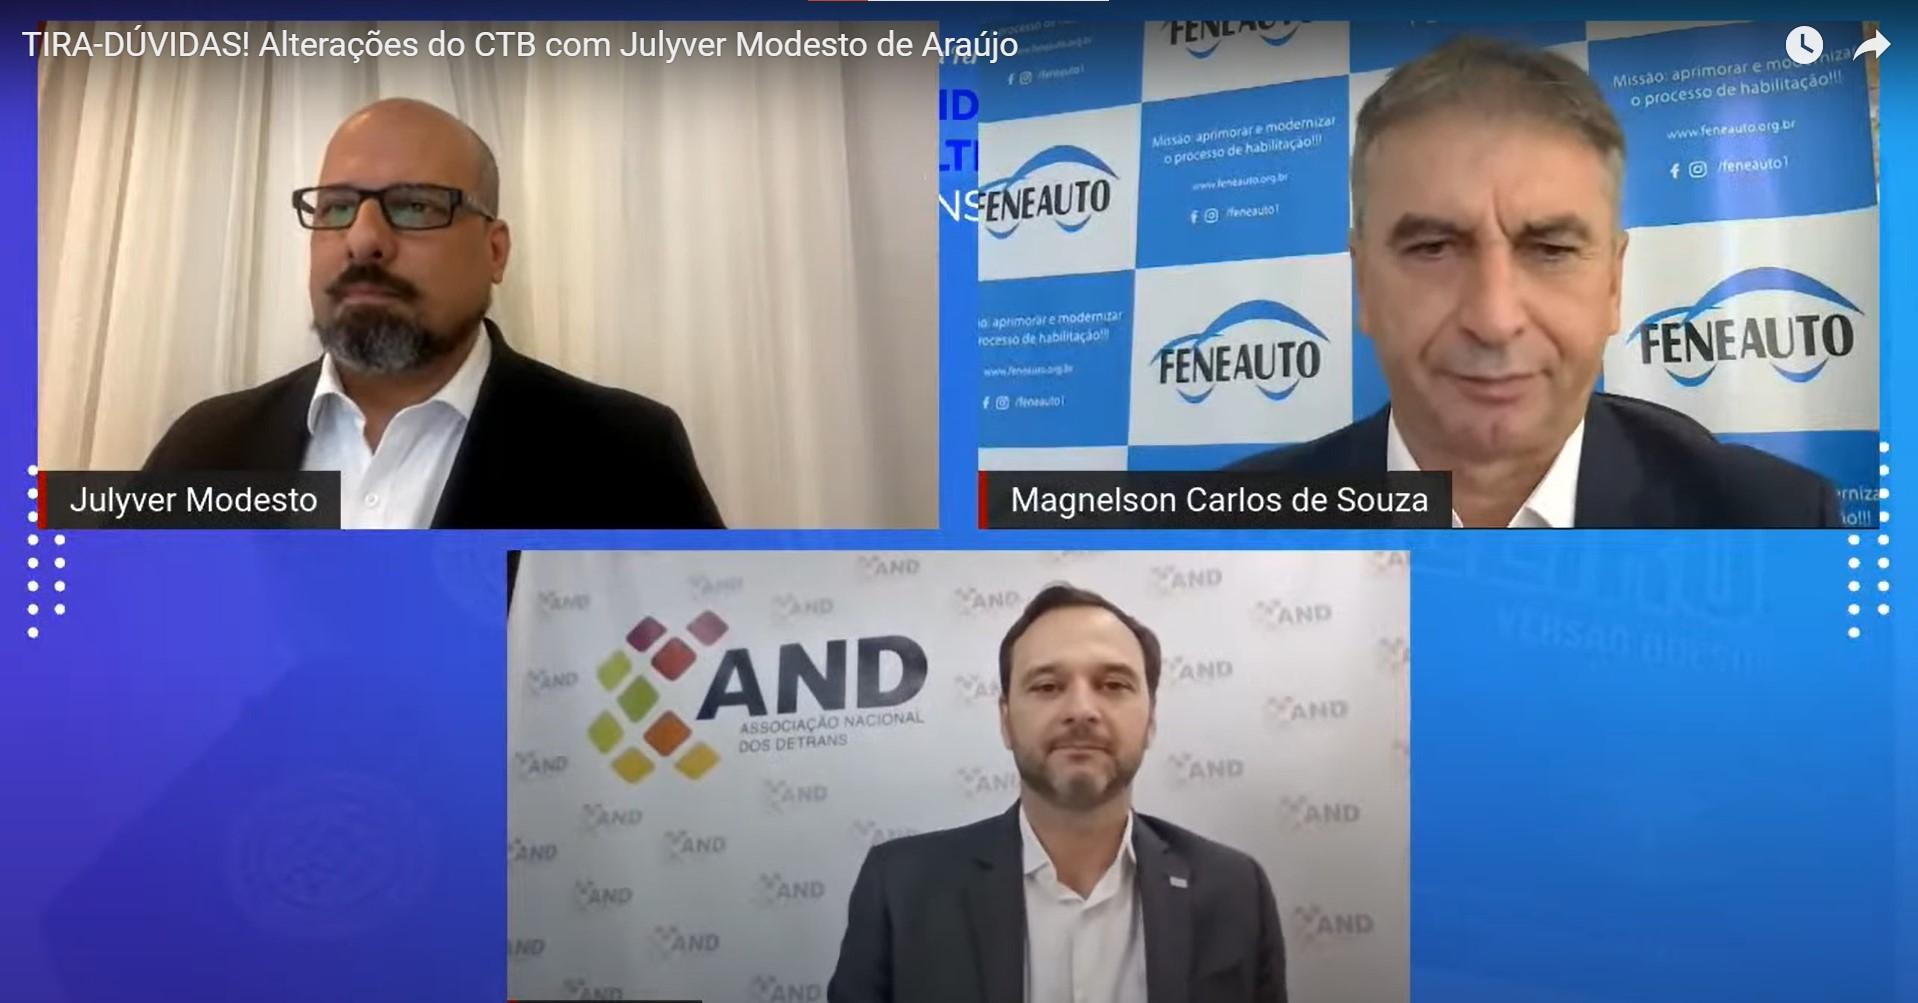 Veja como foi a live da Feneauto sobre as alterações no CTB